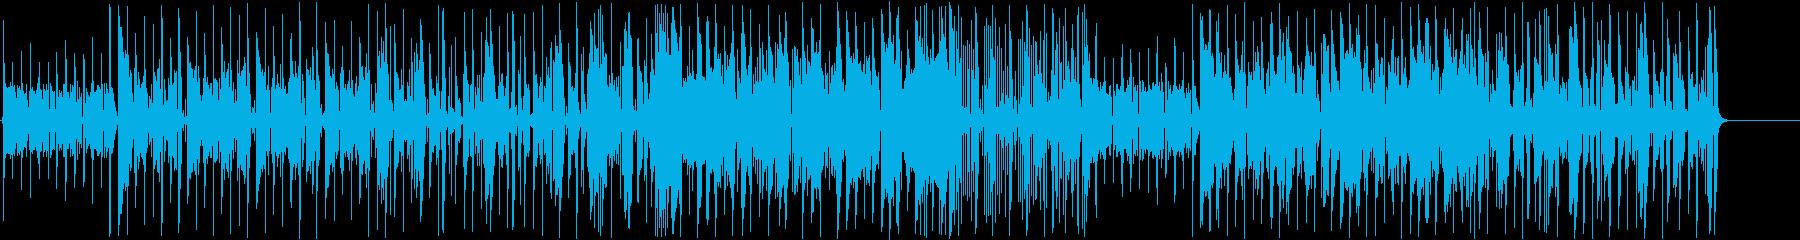 ファンク・インストゥルメンタル。オ...の再生済みの波形